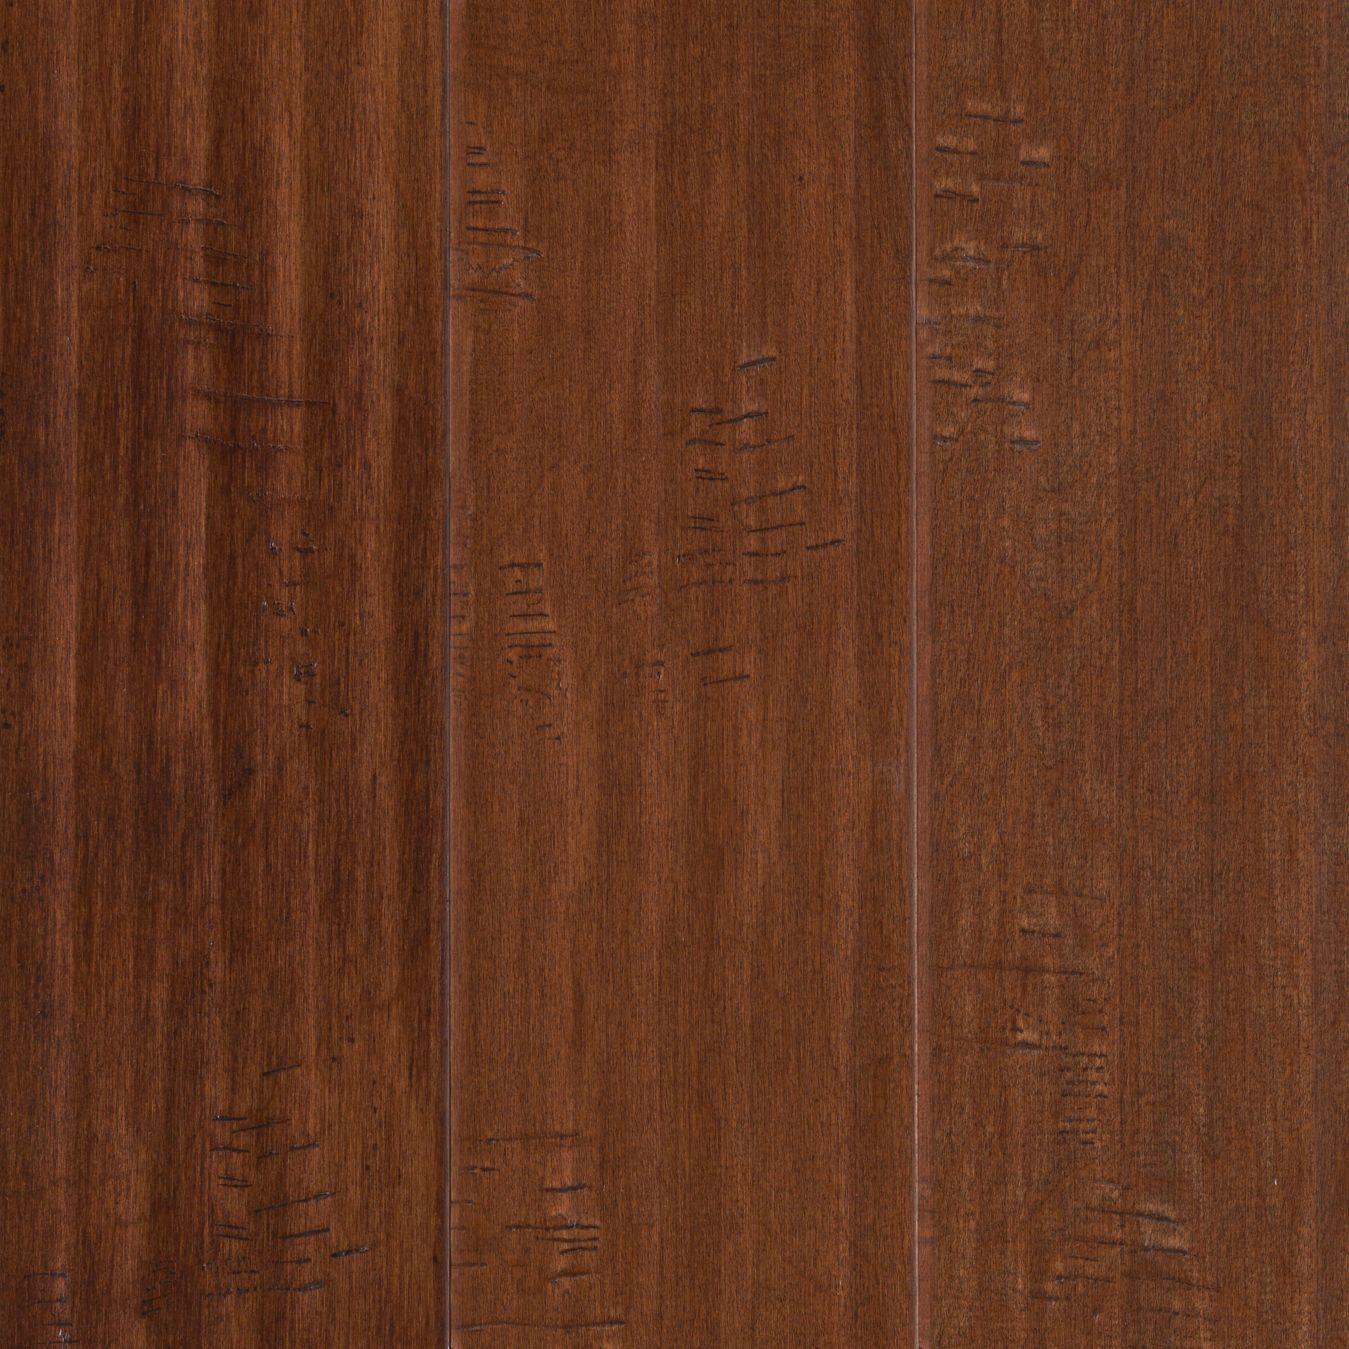 Hollandale Uniclic Maple Harvest 03